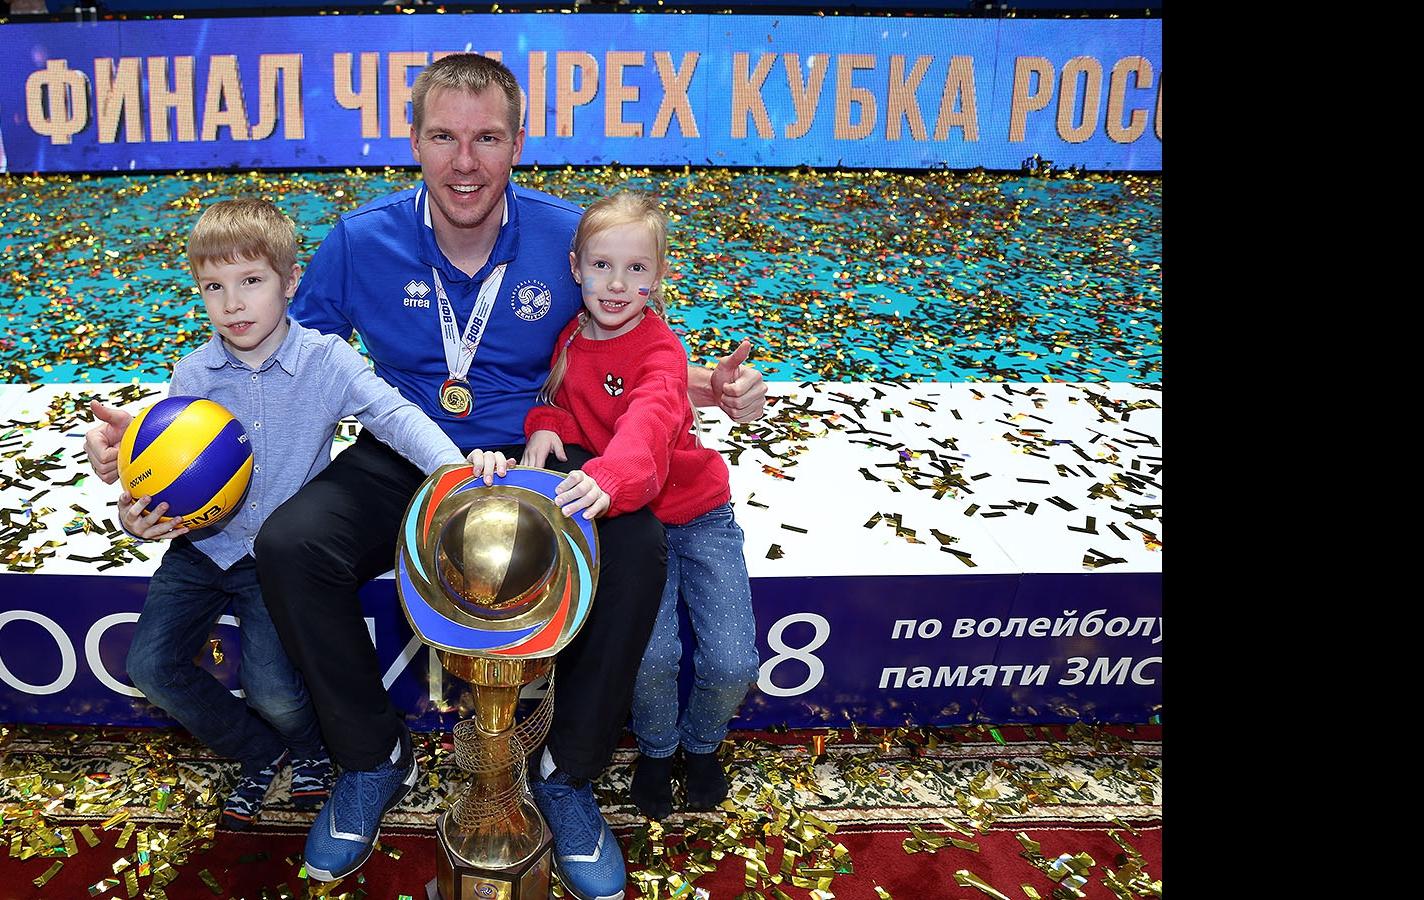 Дмитрий Соснин